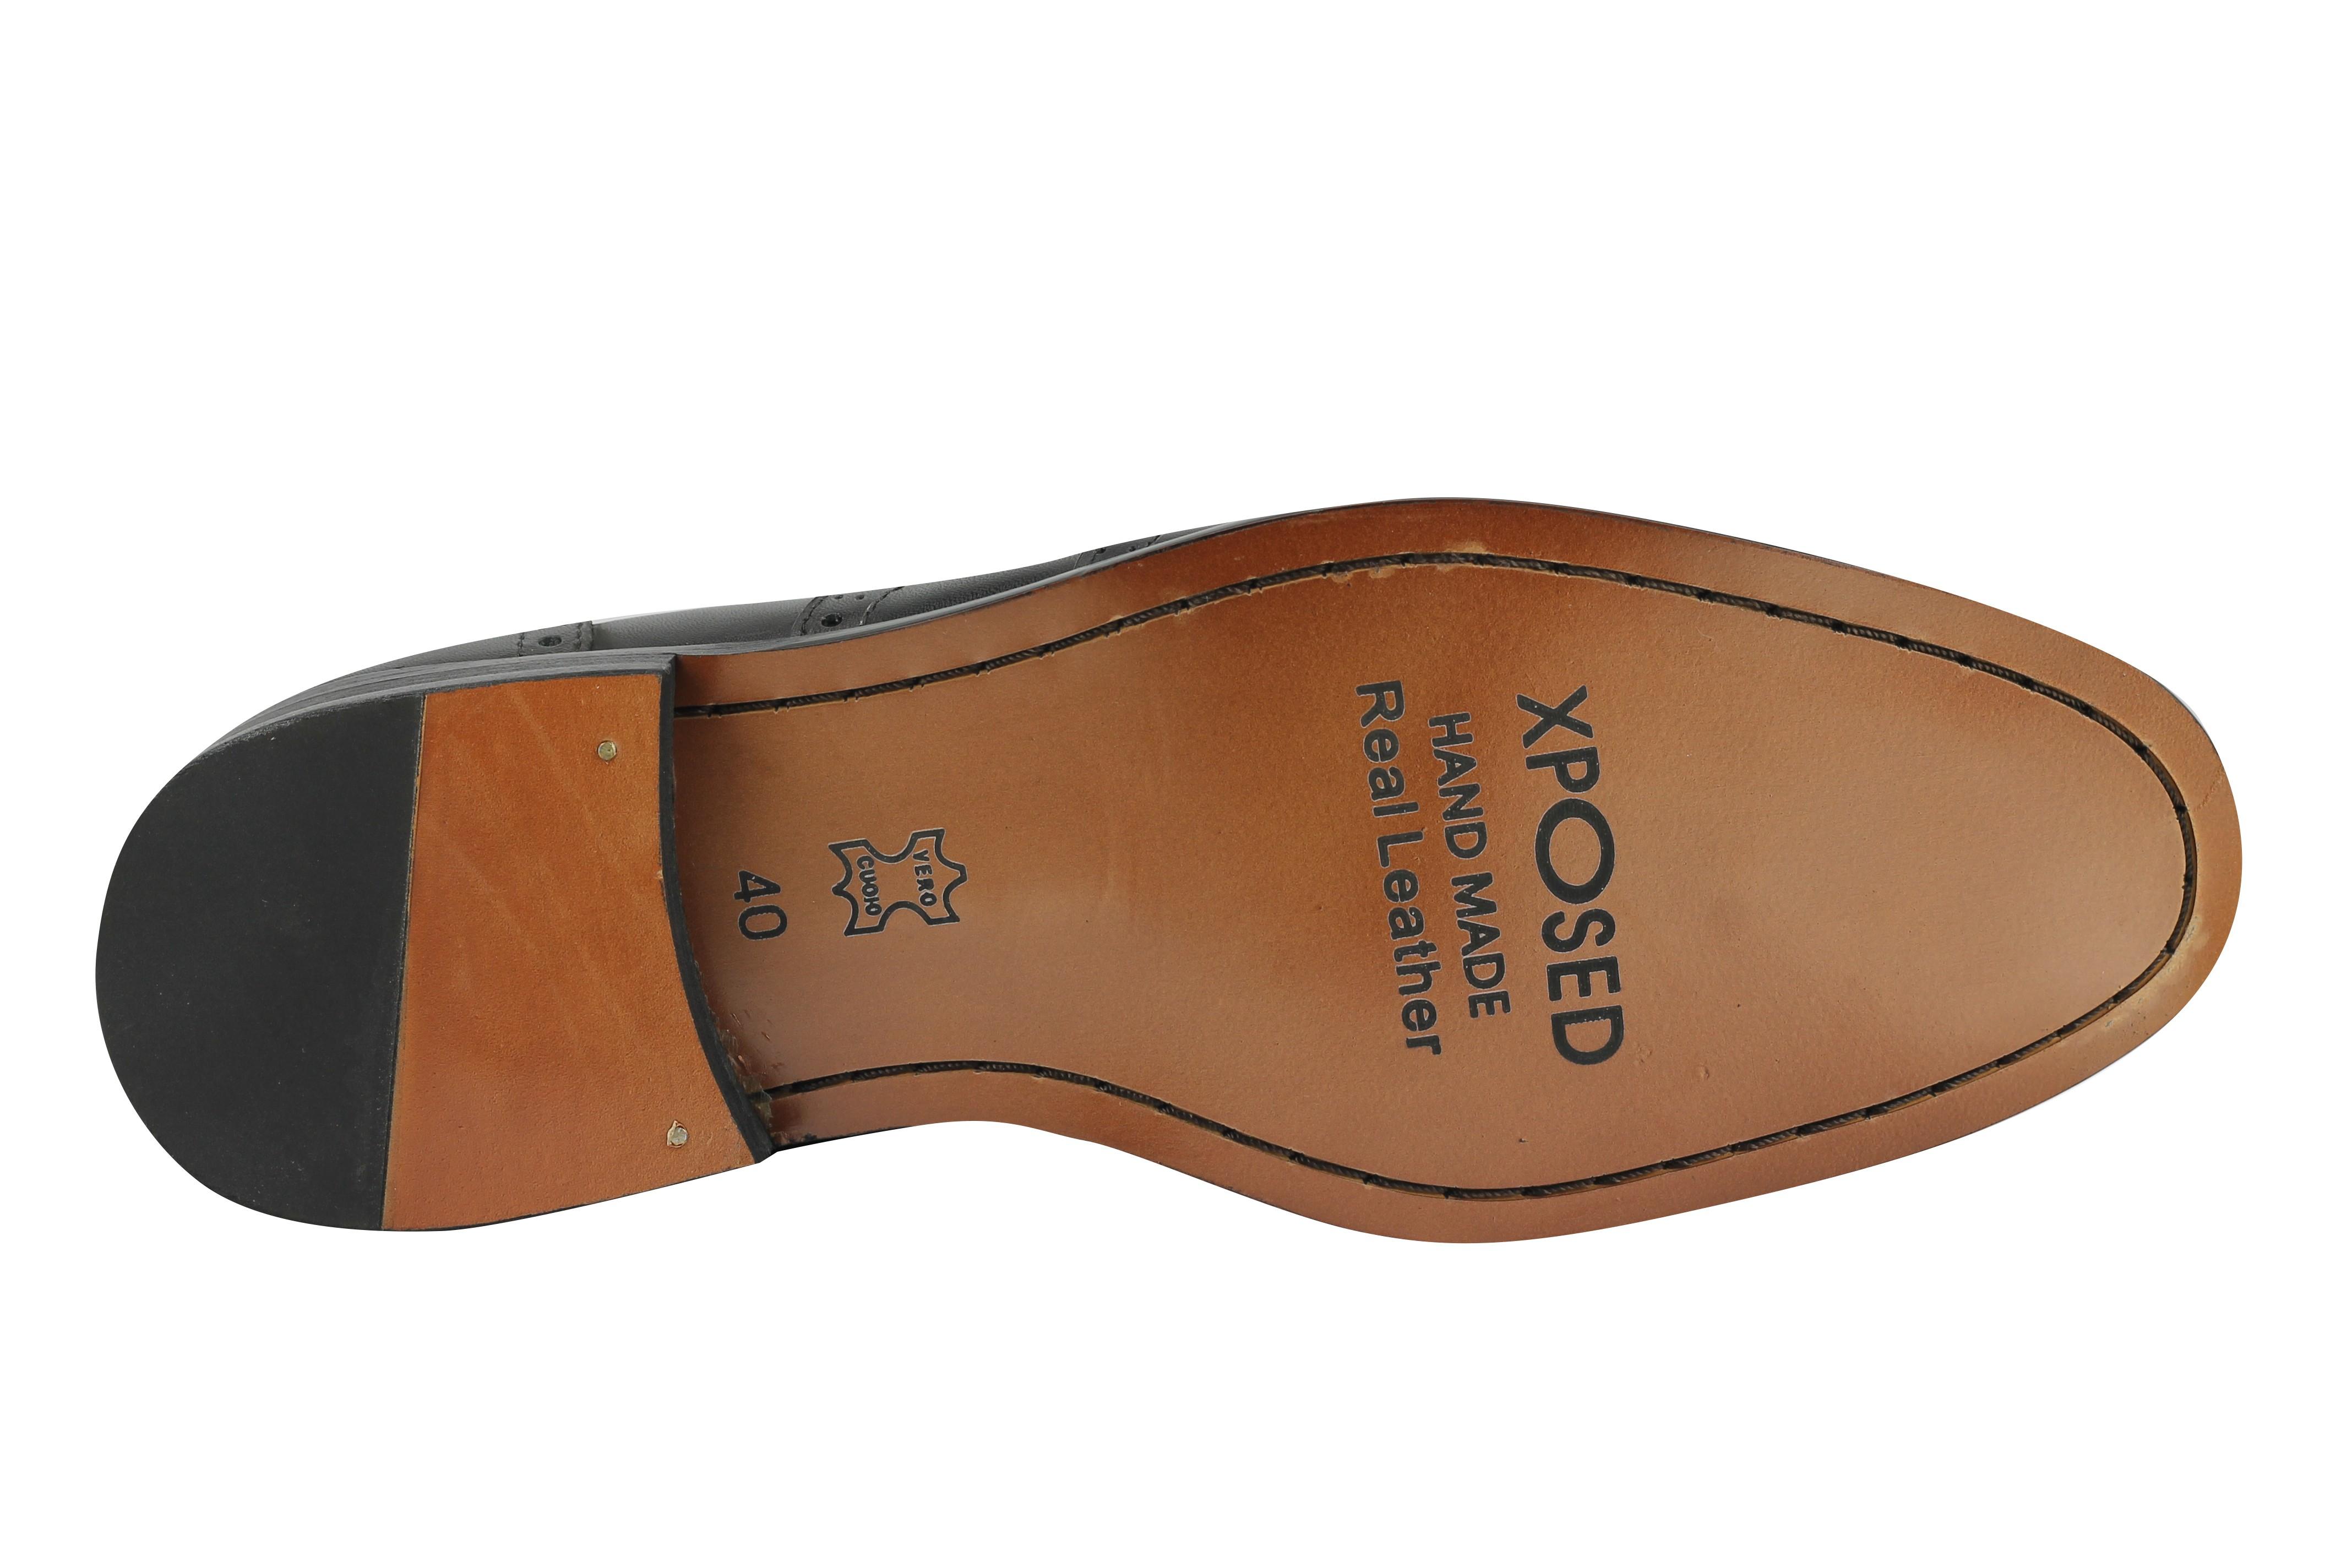 Hommes 1920s vintage en cuir véritable tassel mocassins à enfiler richelieu à chaussures marron noir